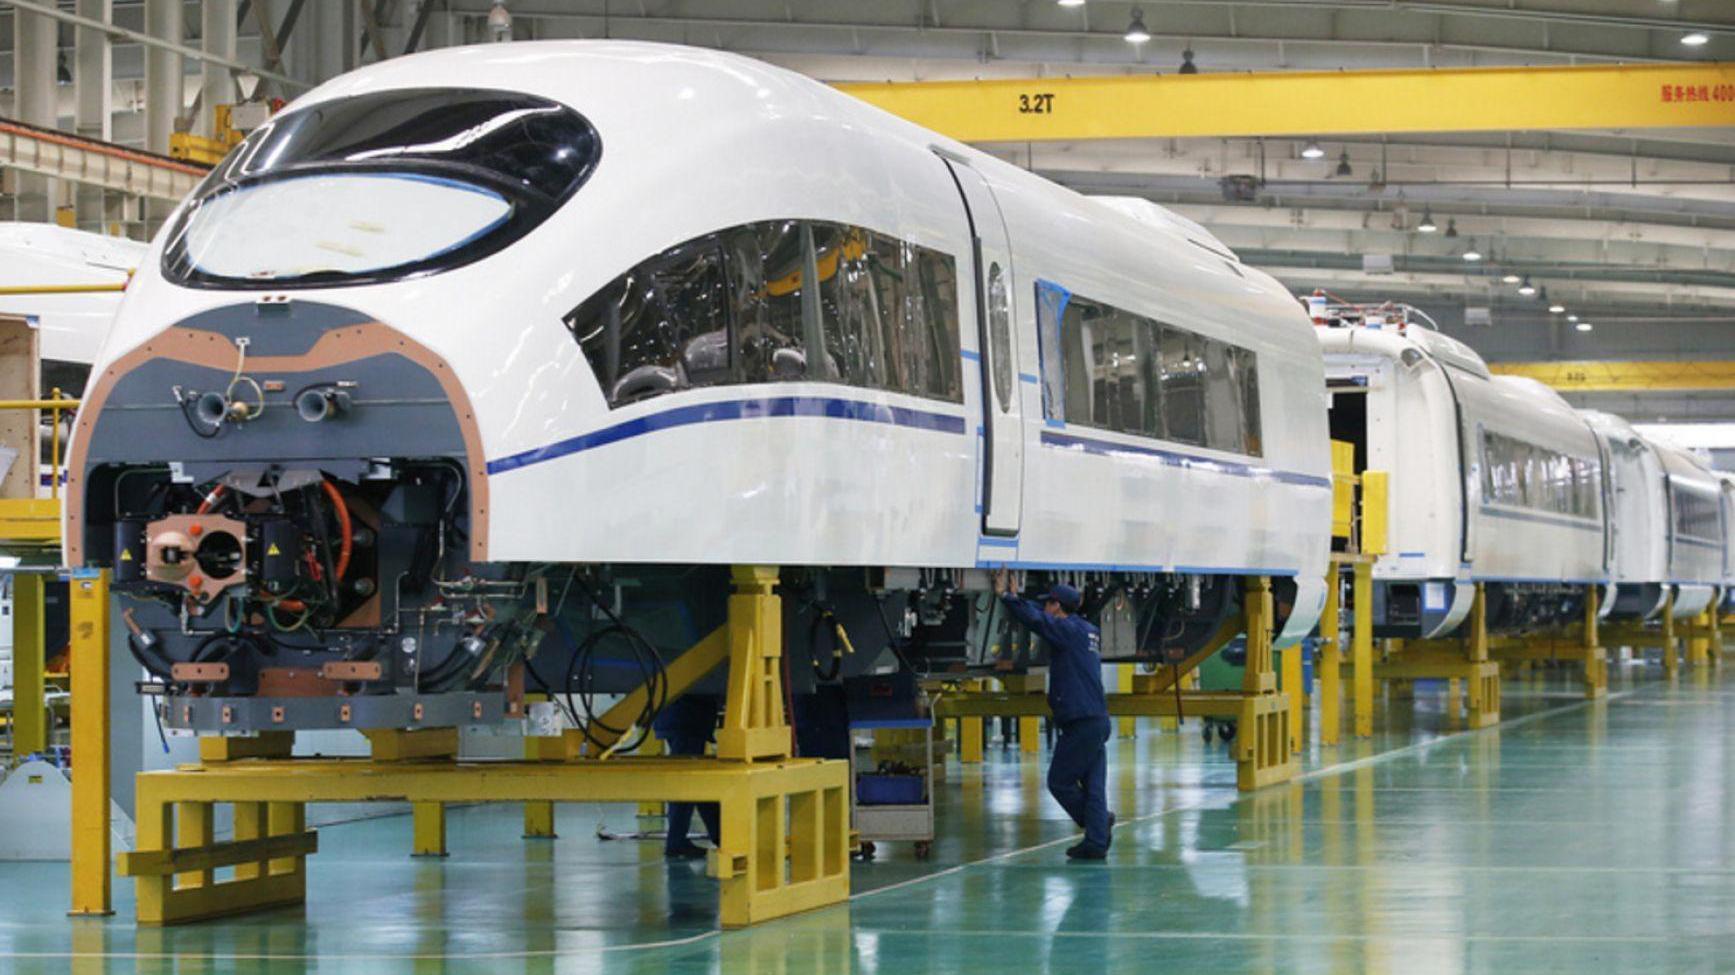 进展飞速!中国高铁走出国门,欧洲两大制造巨头联手也无法抗衡